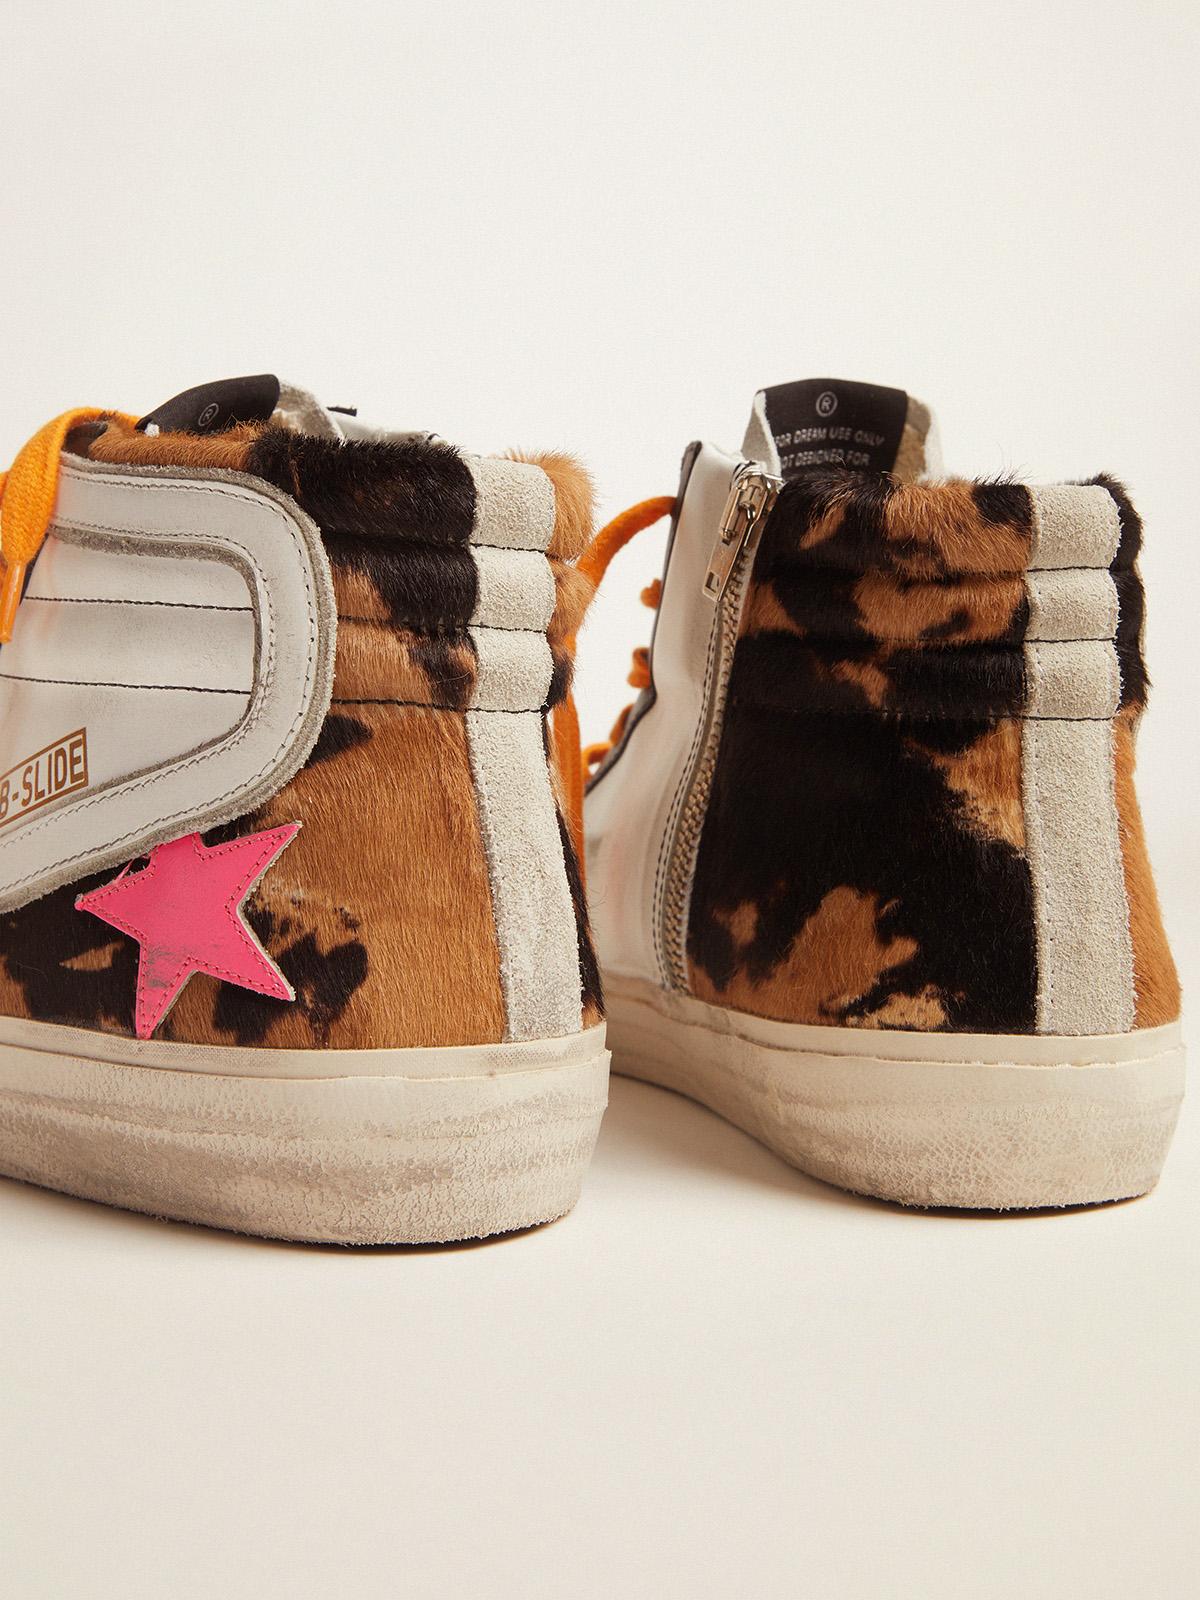 Golden Goose - Sneakers Slide in cavallino, pelle e suede con lacci arancioni e stella fucsia   in